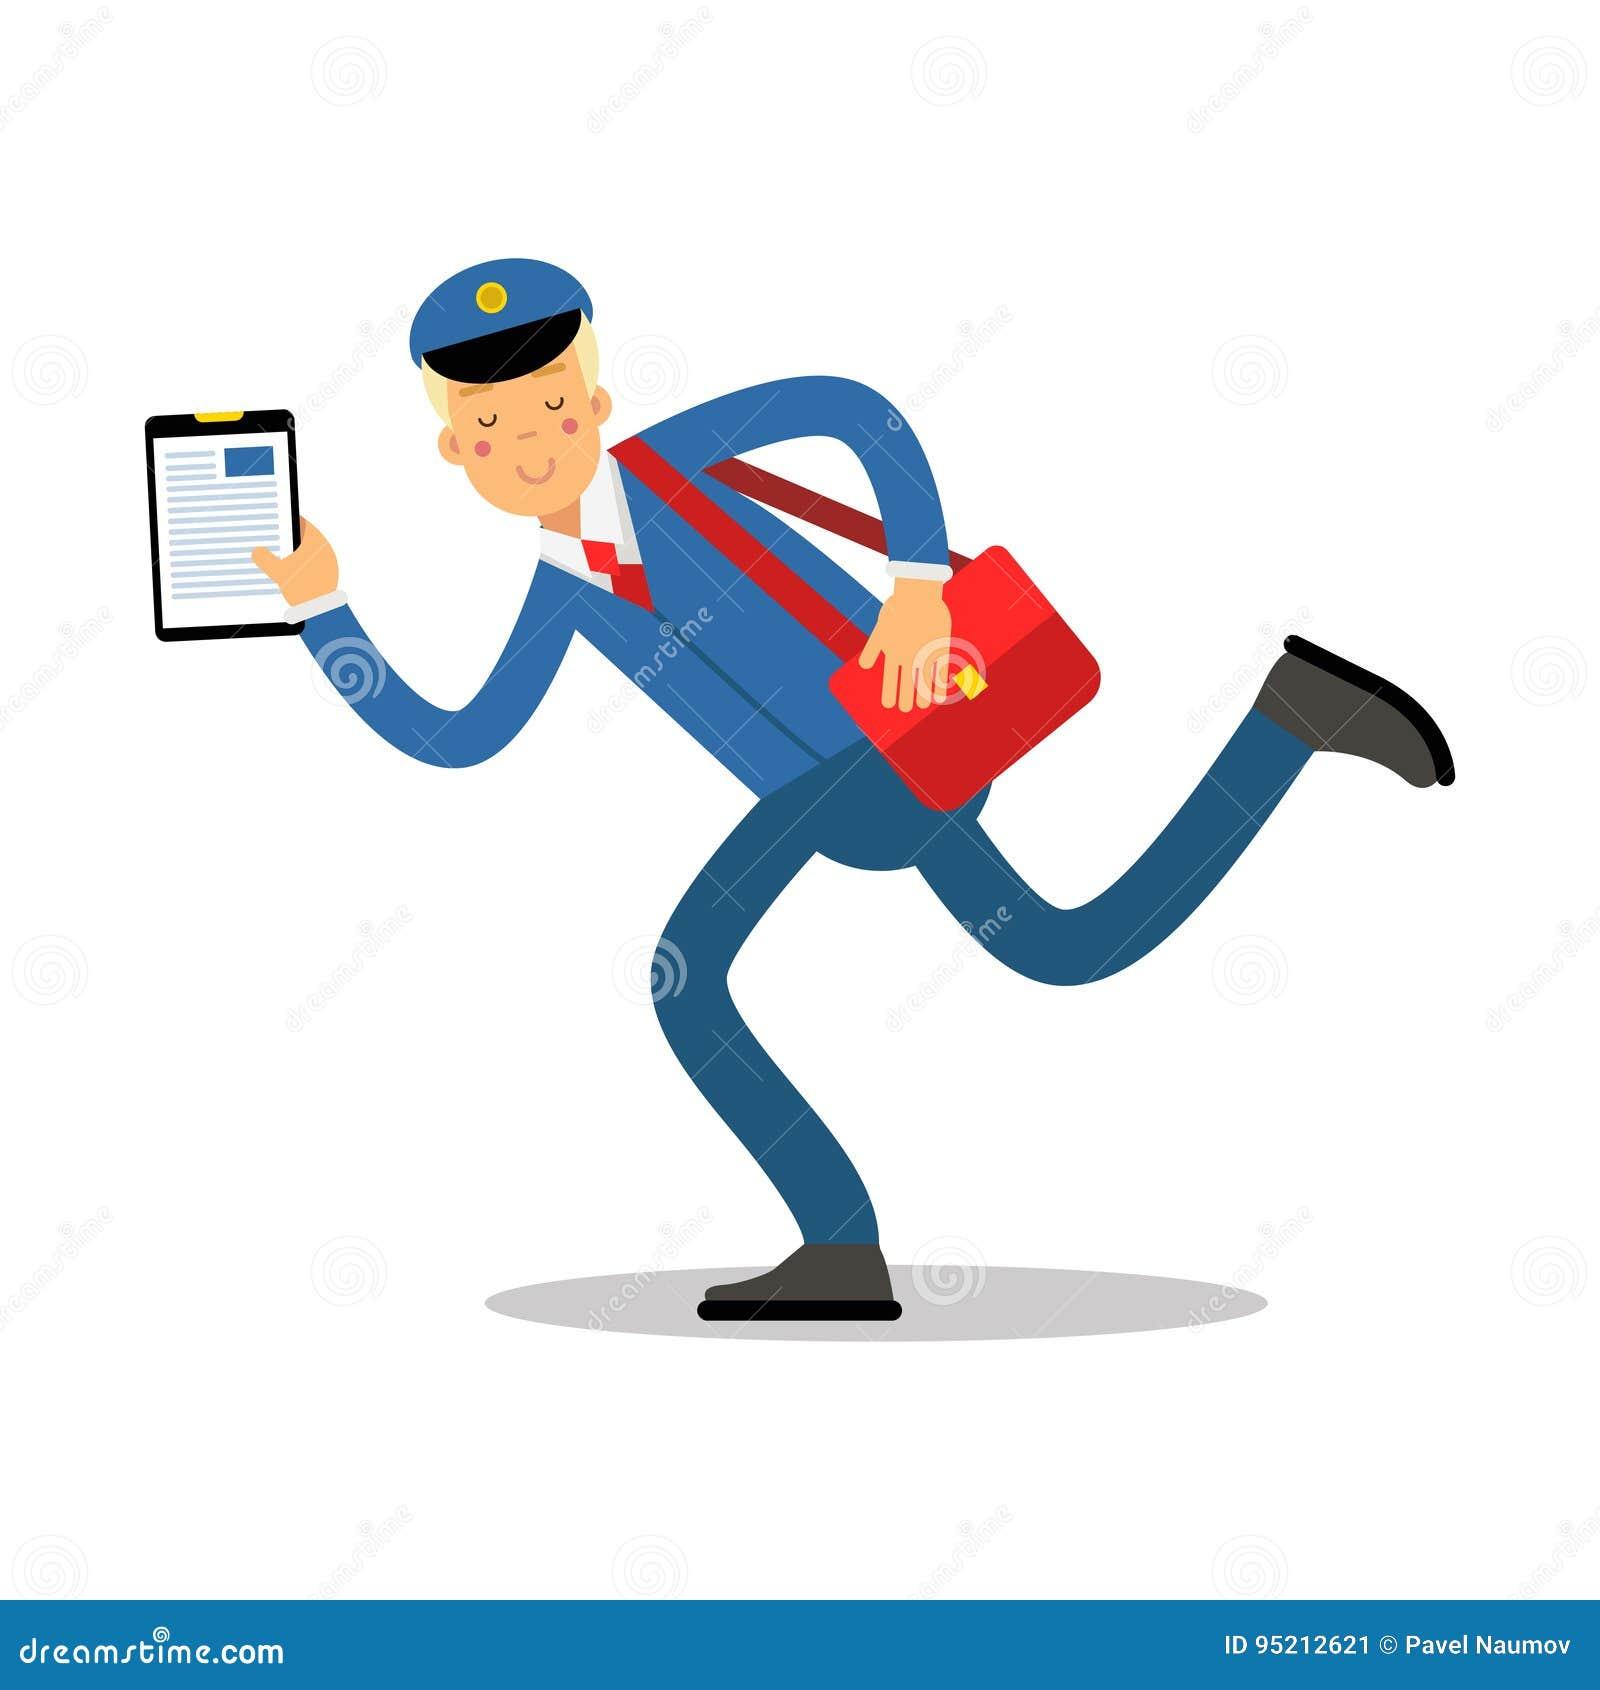 Brievenbesteller in blauwe eenvormig met rood zak en klembord lopend beeldverhaalkarakter, de uitdrukkelijke vectorillustratie va